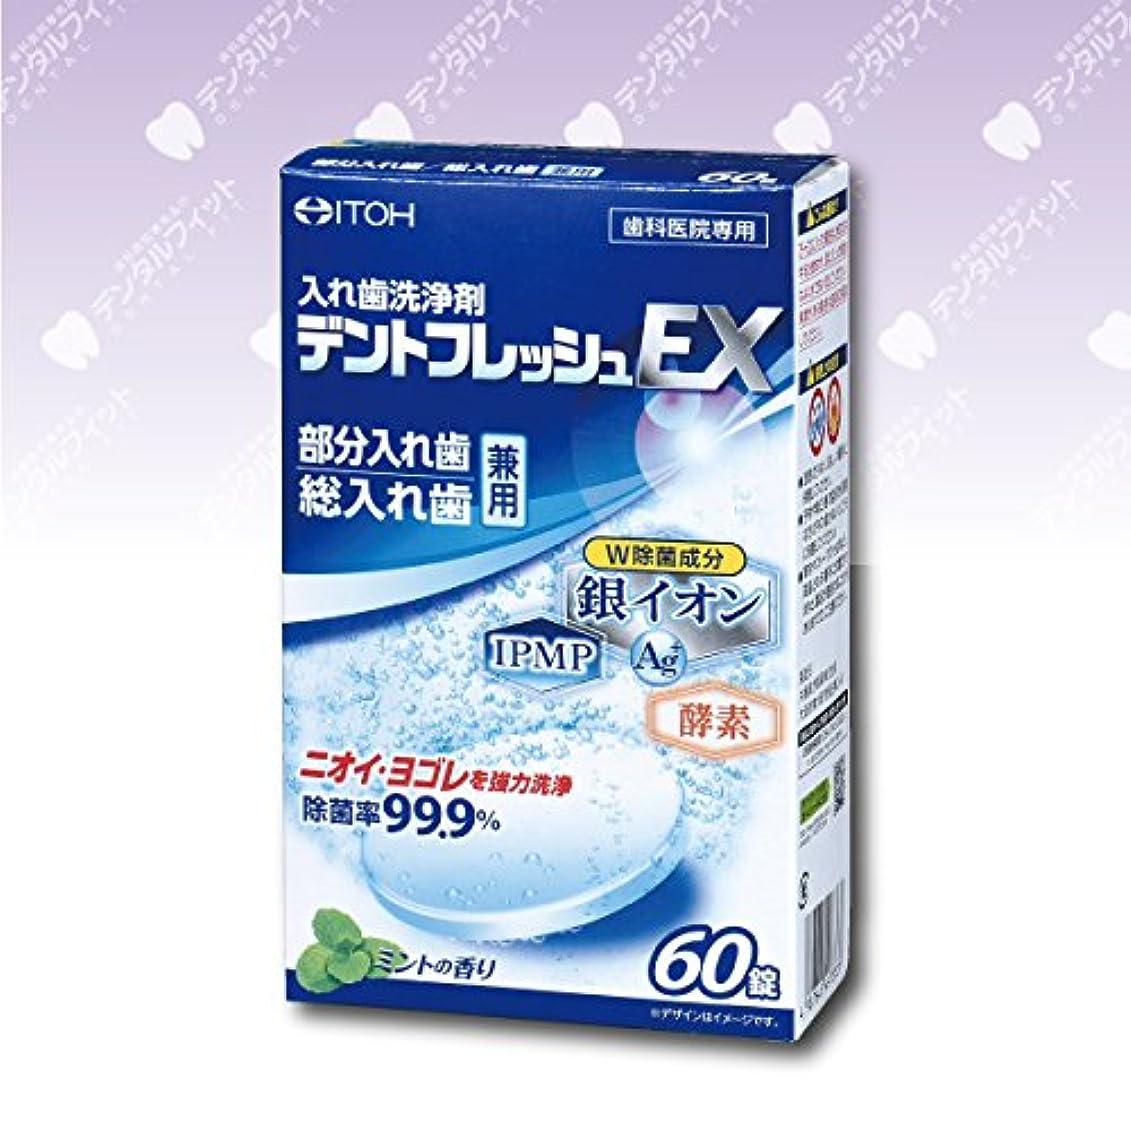 セクタ電話コンチネンタル入れ歯洗浄剤 デントフレッシュEX 1箱(60錠)